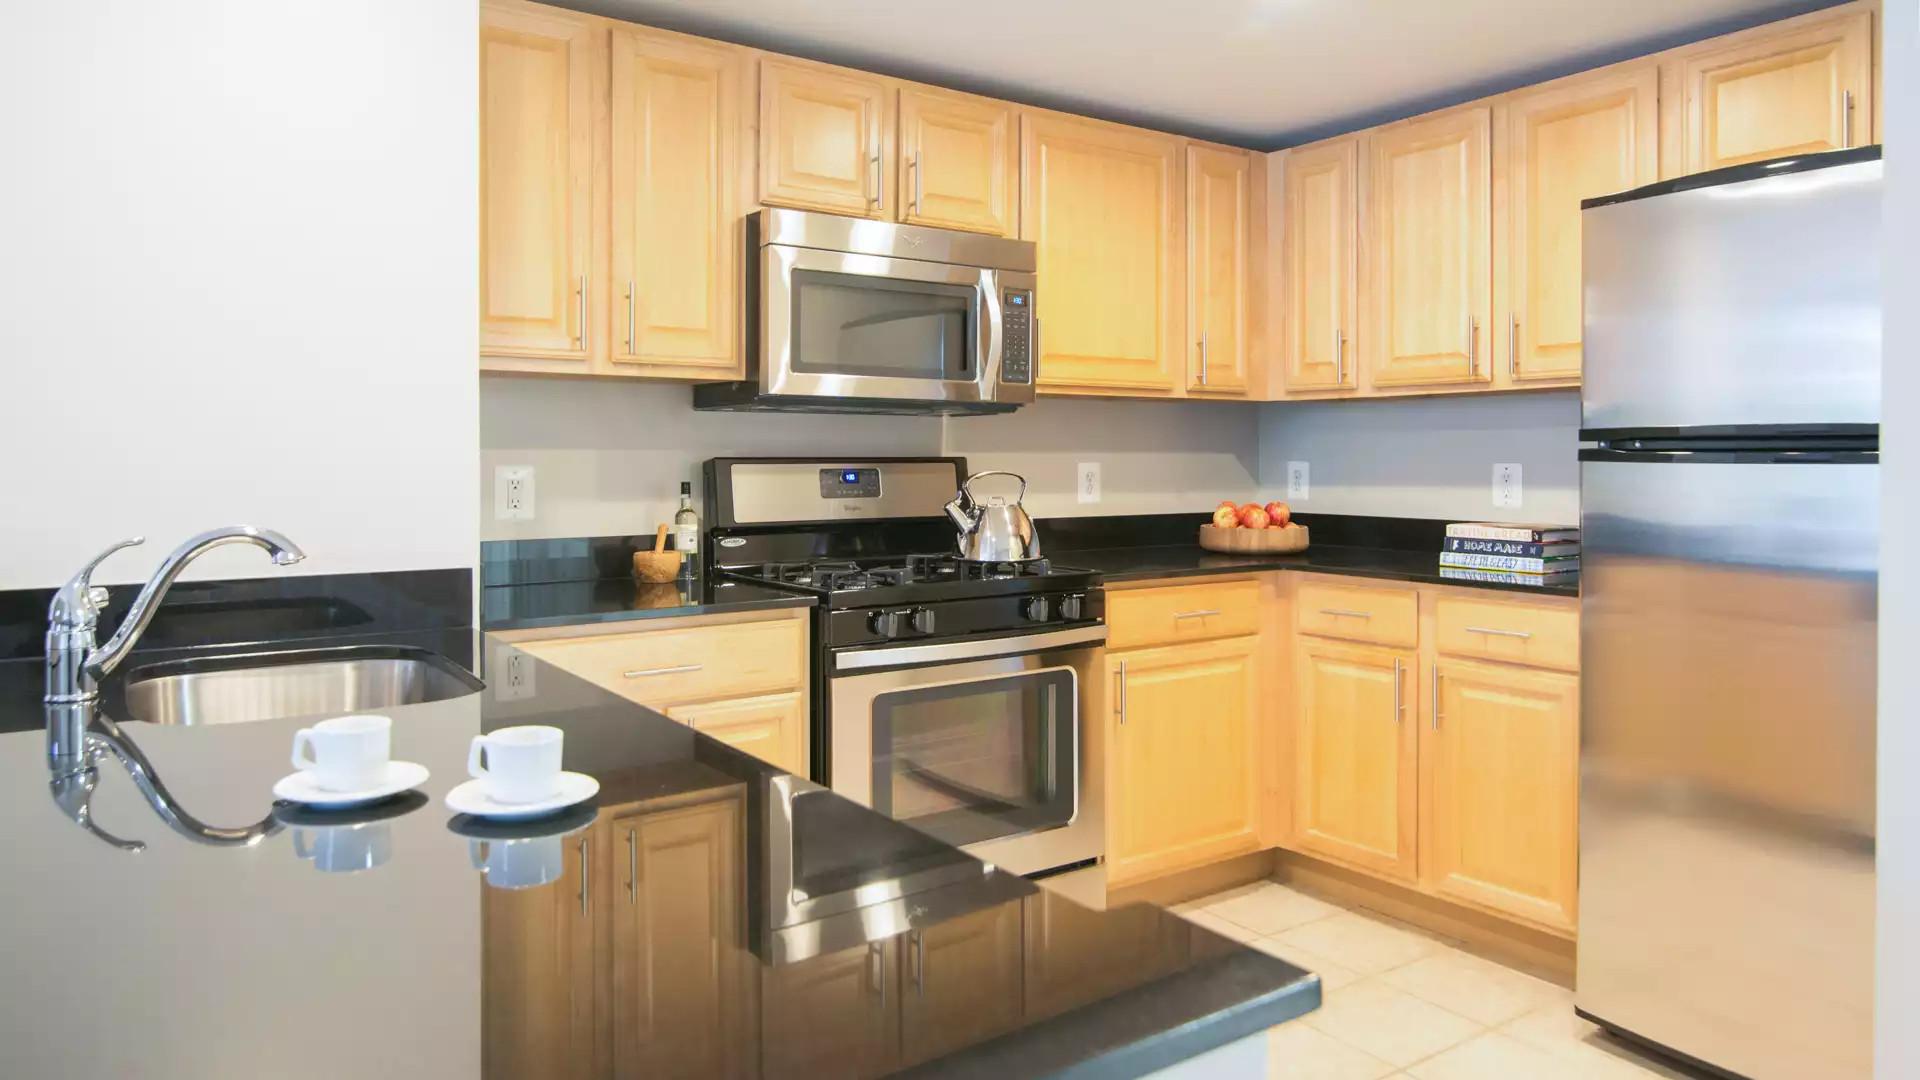 1800 Oak Apartments - Arlington, VA